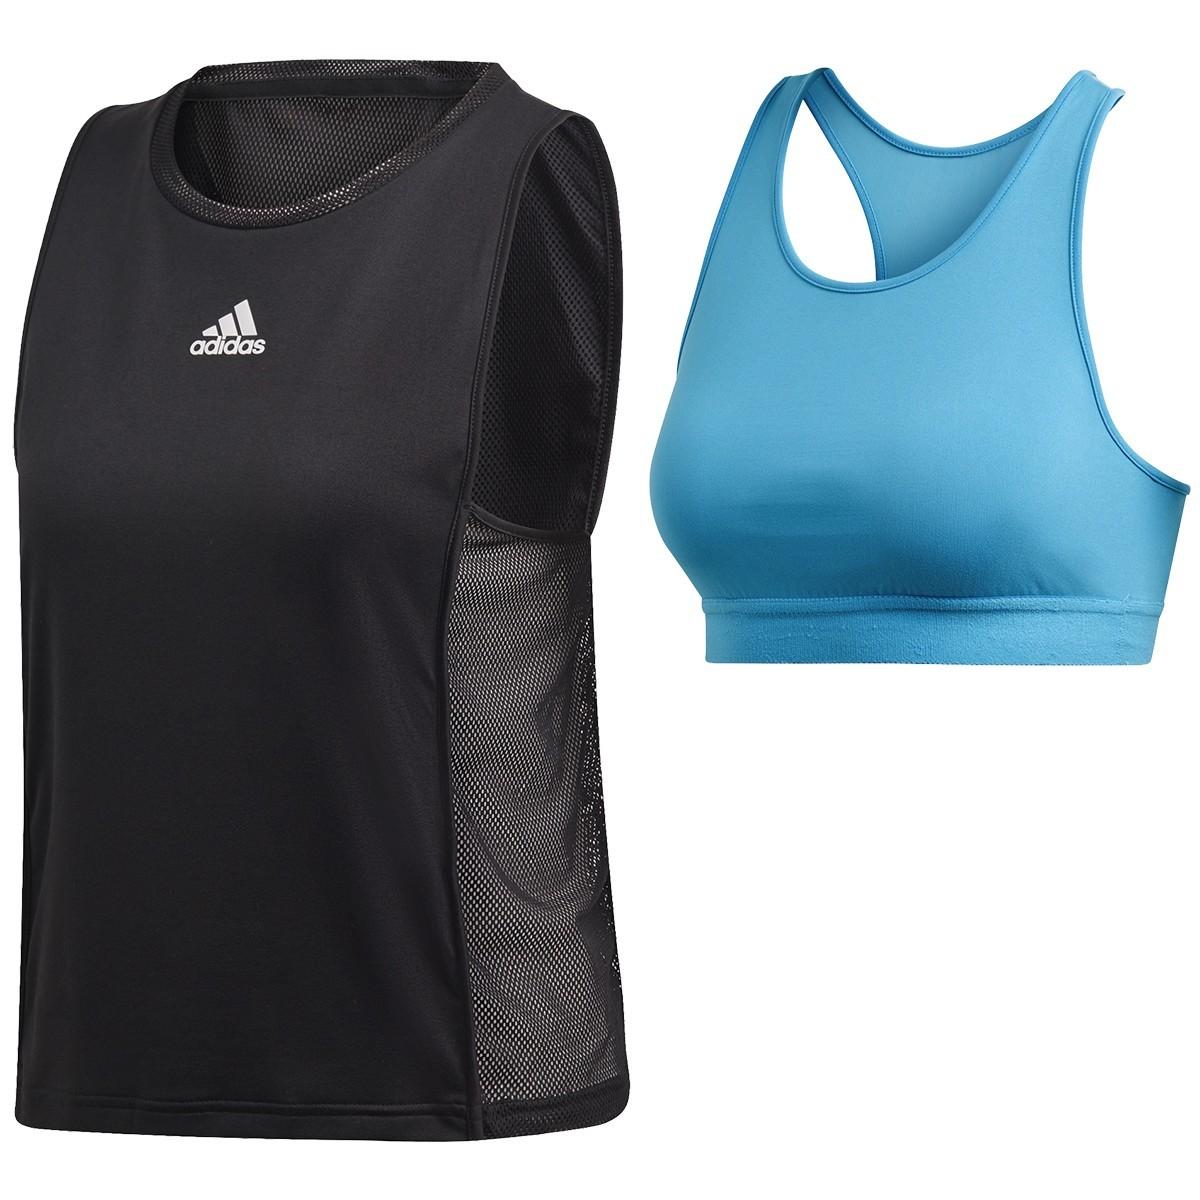 Теннисная майка женская Adidas Escouade Tank black/shock cyan